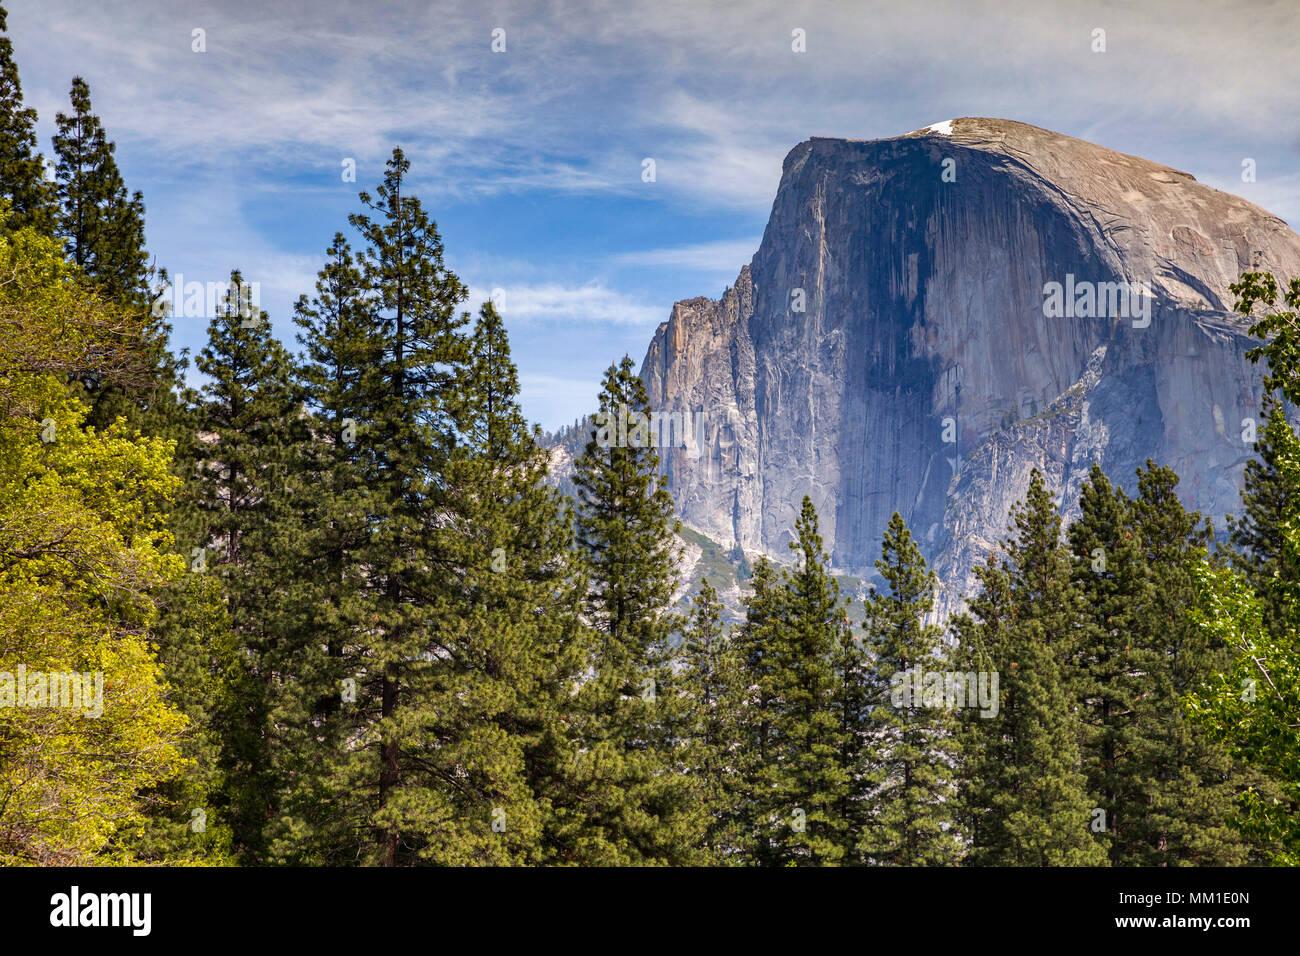 Half Dome, Yosemite National Park, California, Stati Uniti d'America,mountain,Duomo,parco nazionale Yosemite,,Californian,l'america,american,alberi,landscape,paesaggi,New Scenic 5 posti Immagini Stock